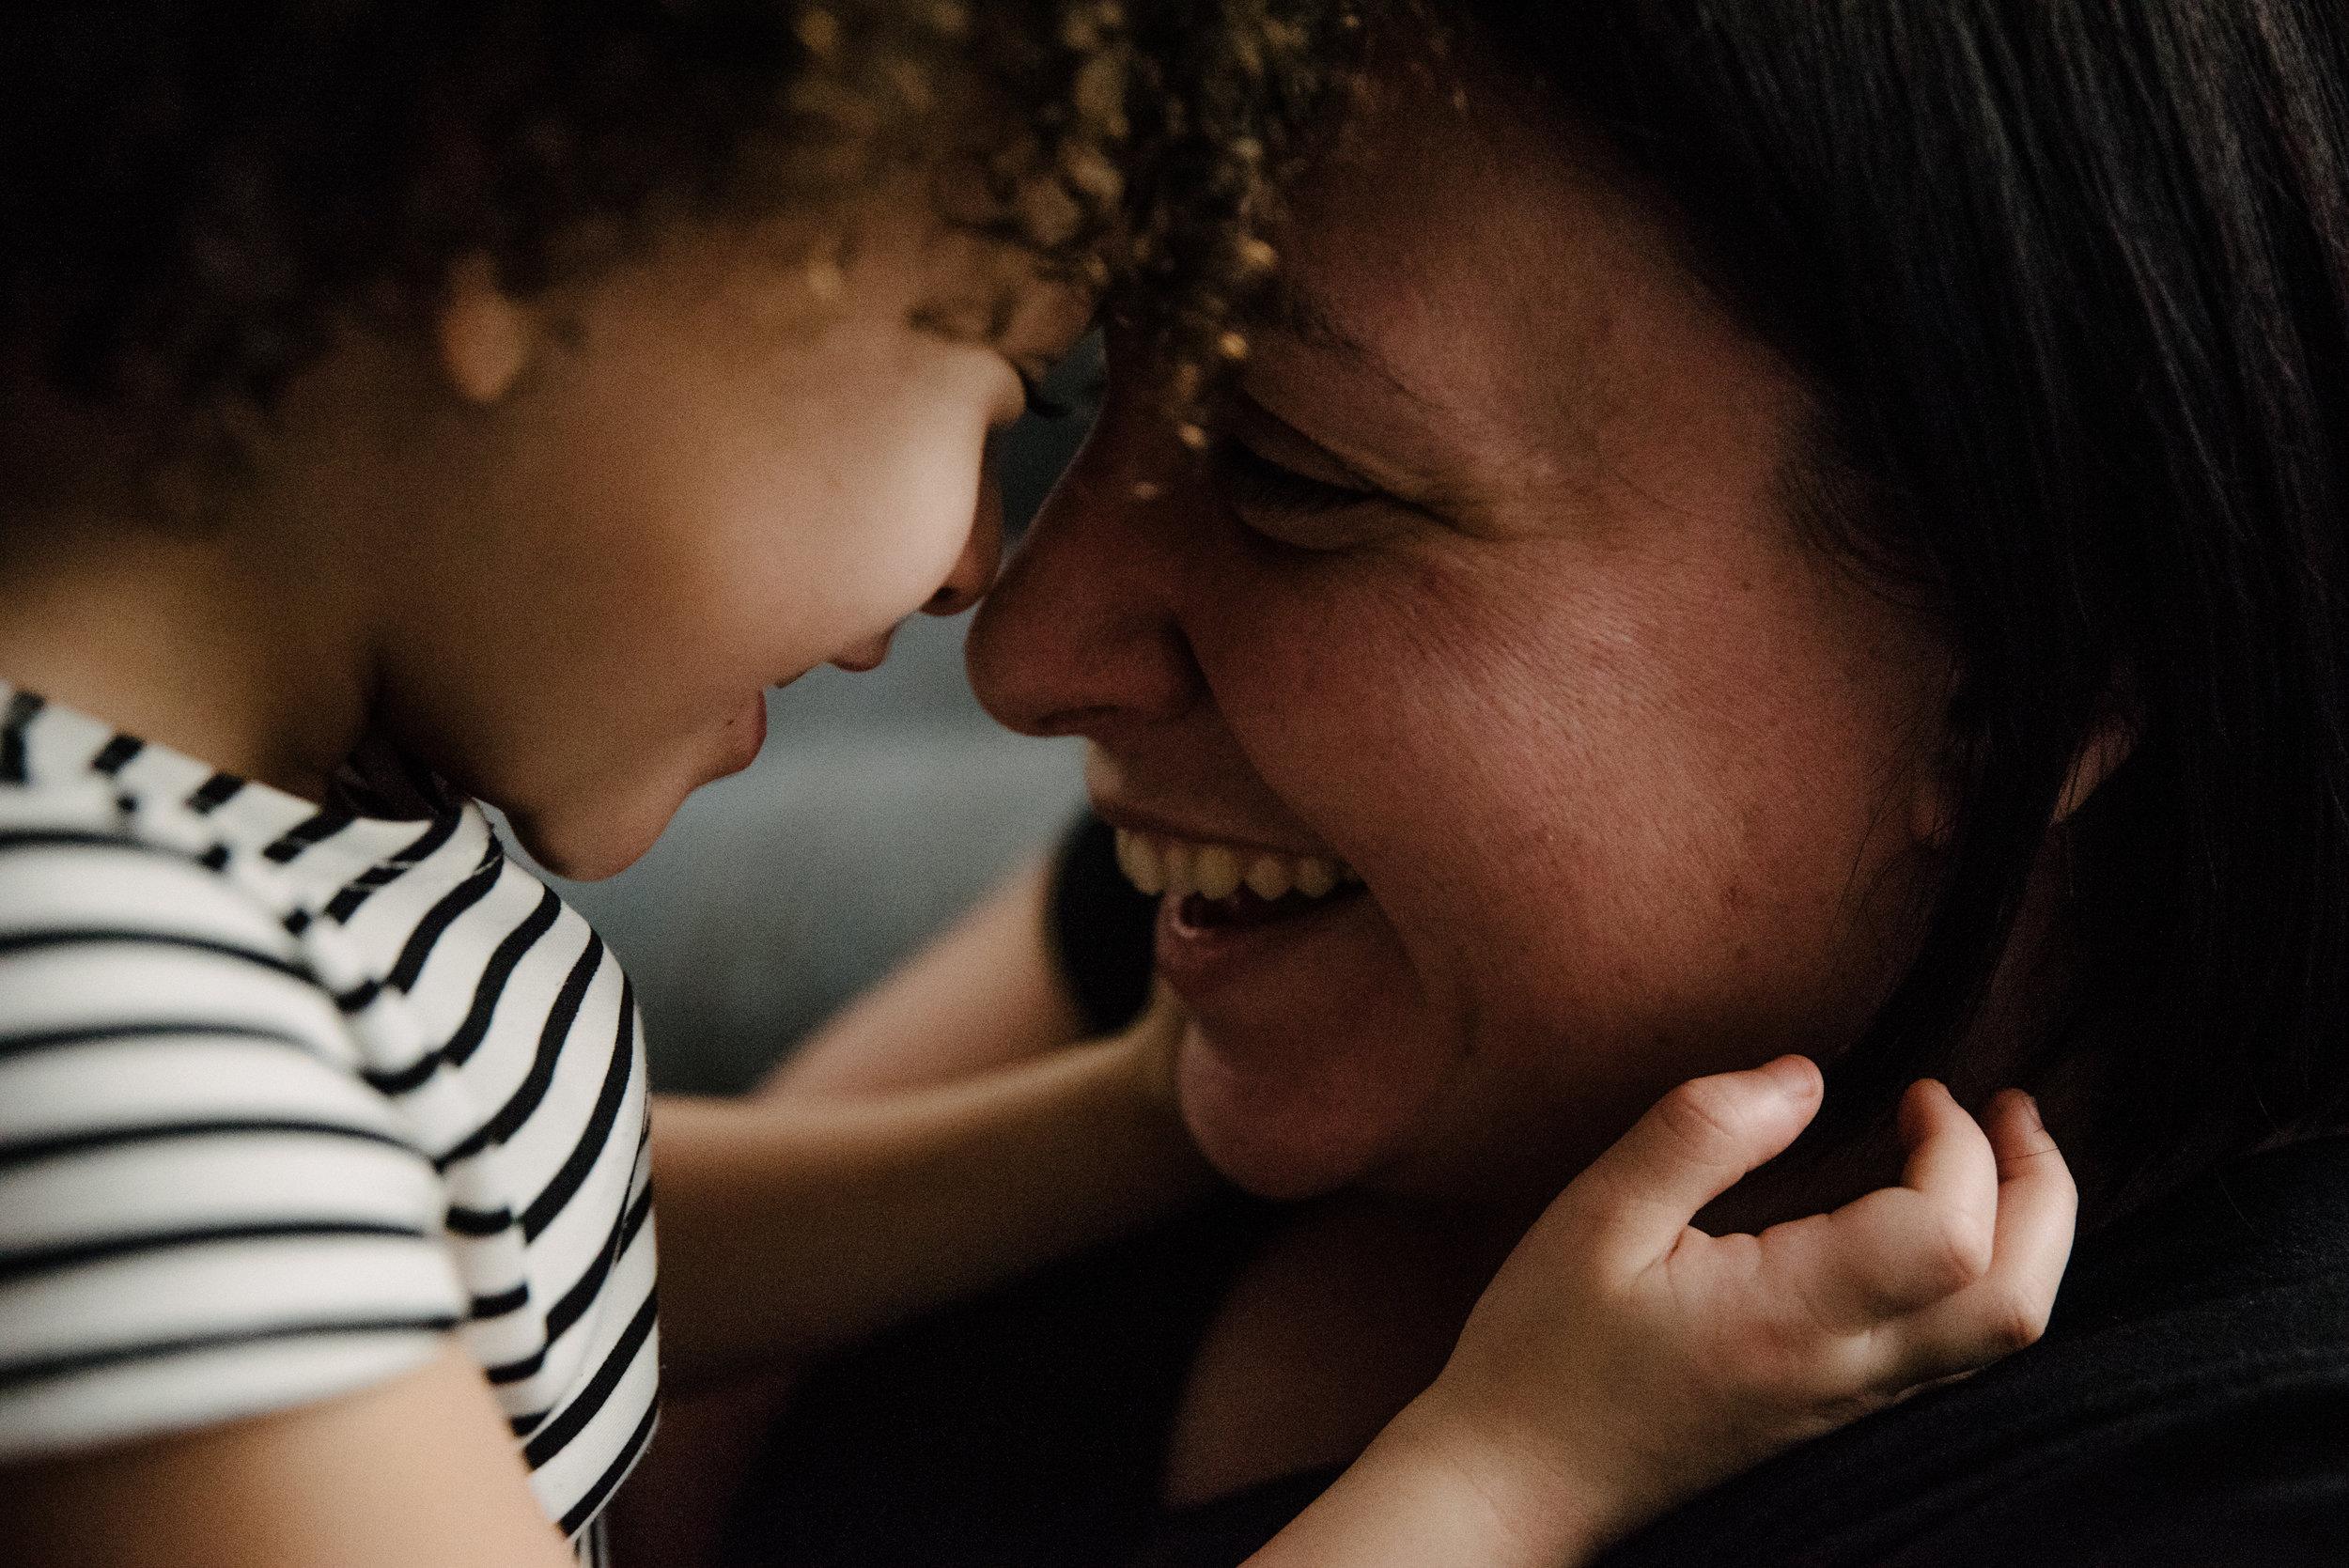 photo-de-moments-tendres-entre-une-mere-et-sa-fille-photographe-de-famille-a-montreal-marianne-charland-454.jpg